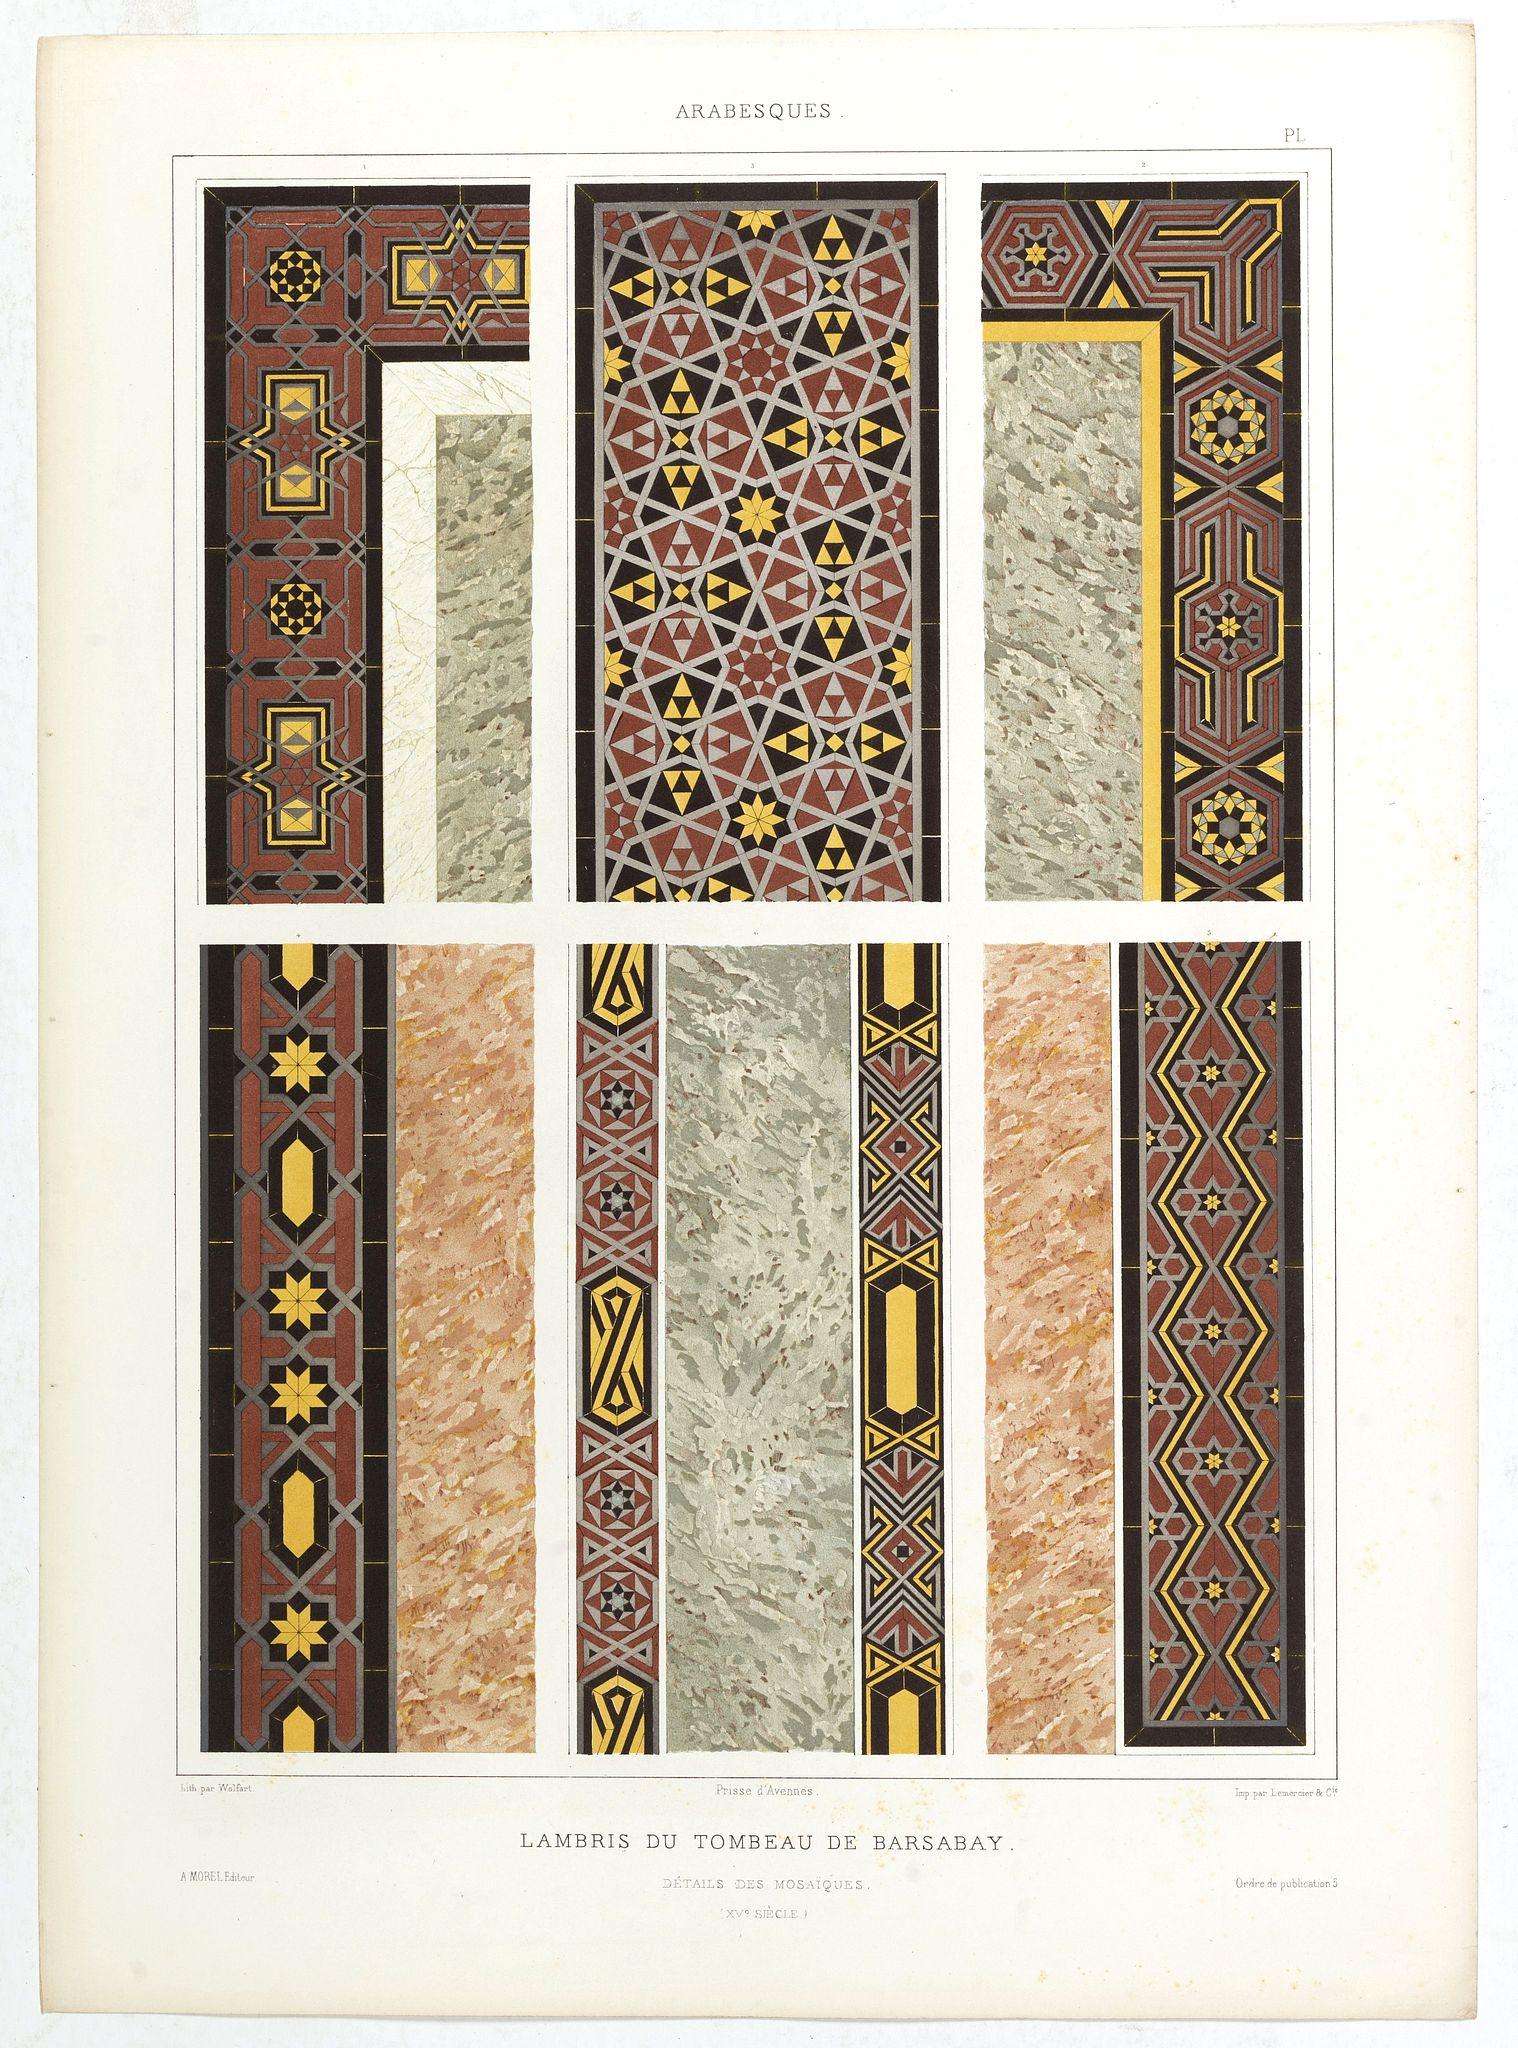 PRISSE D'AVENNES, E. -  Arabesques. - Lambris du tombeau de Barsabay. Détails des mosaïques.